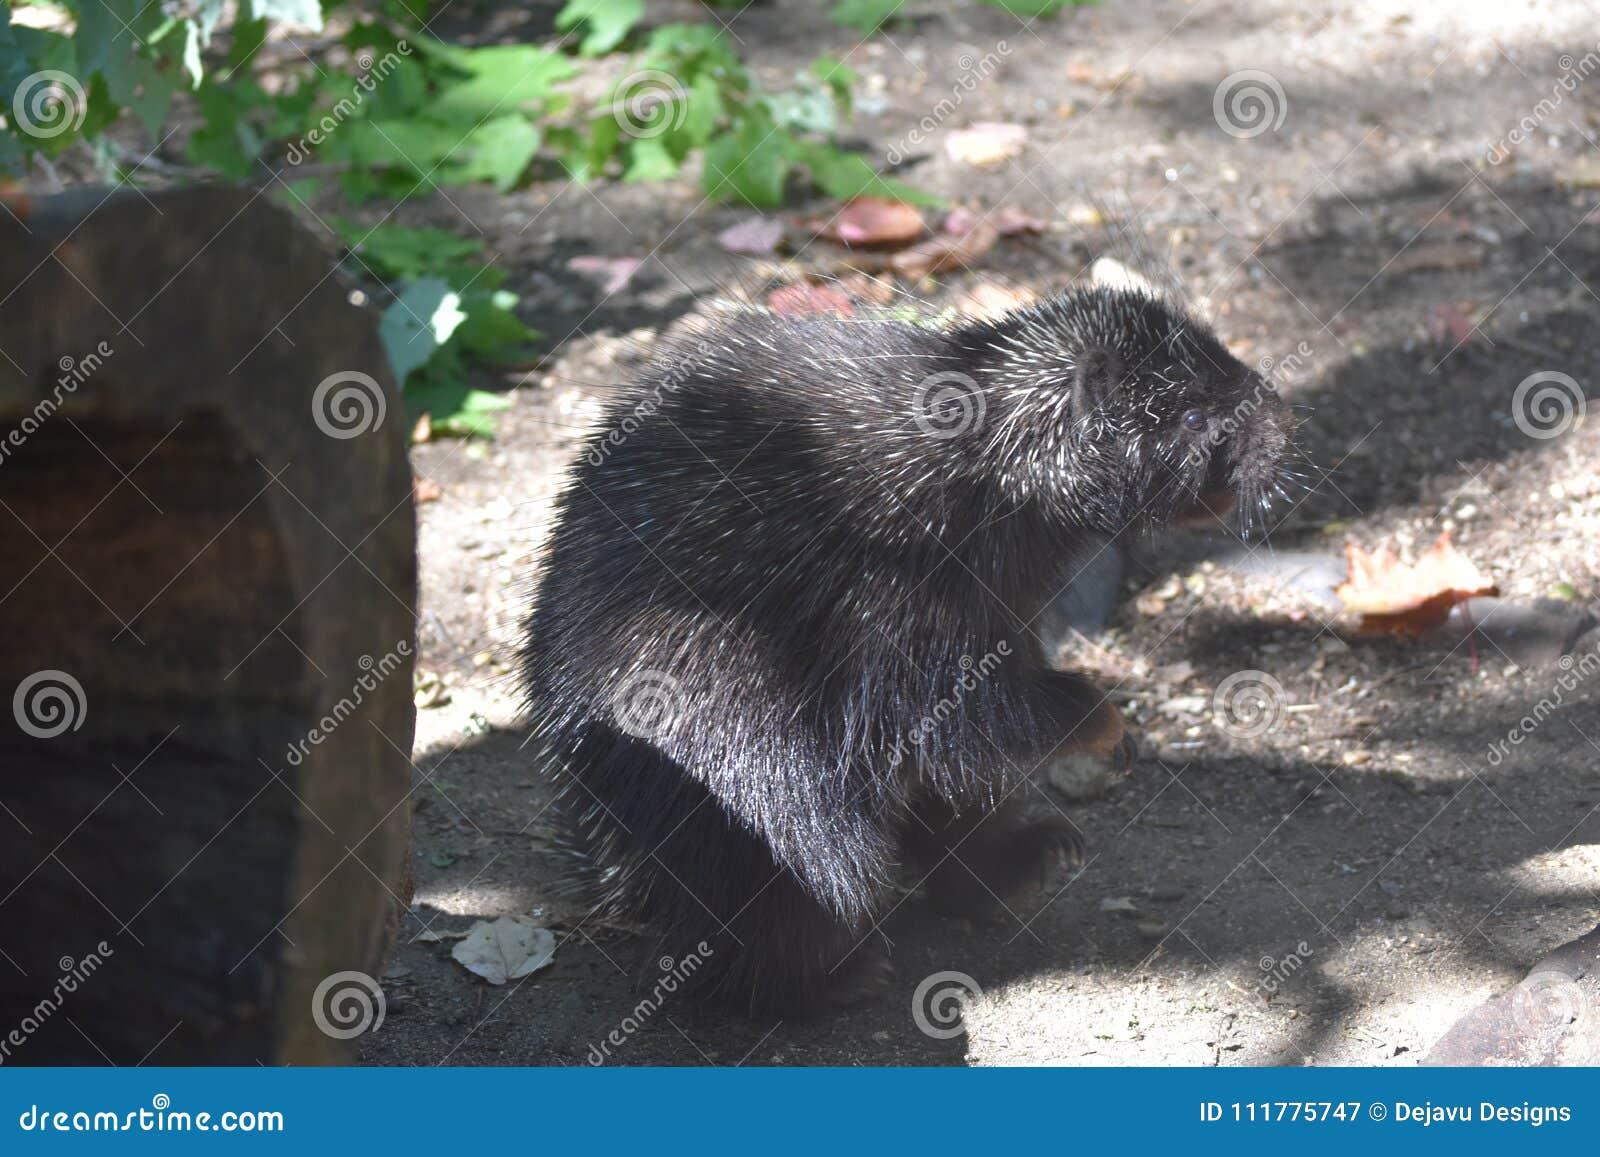 Mooi zwart stekelvarken die zich op zijn achterbenen in de schaduw bevinden